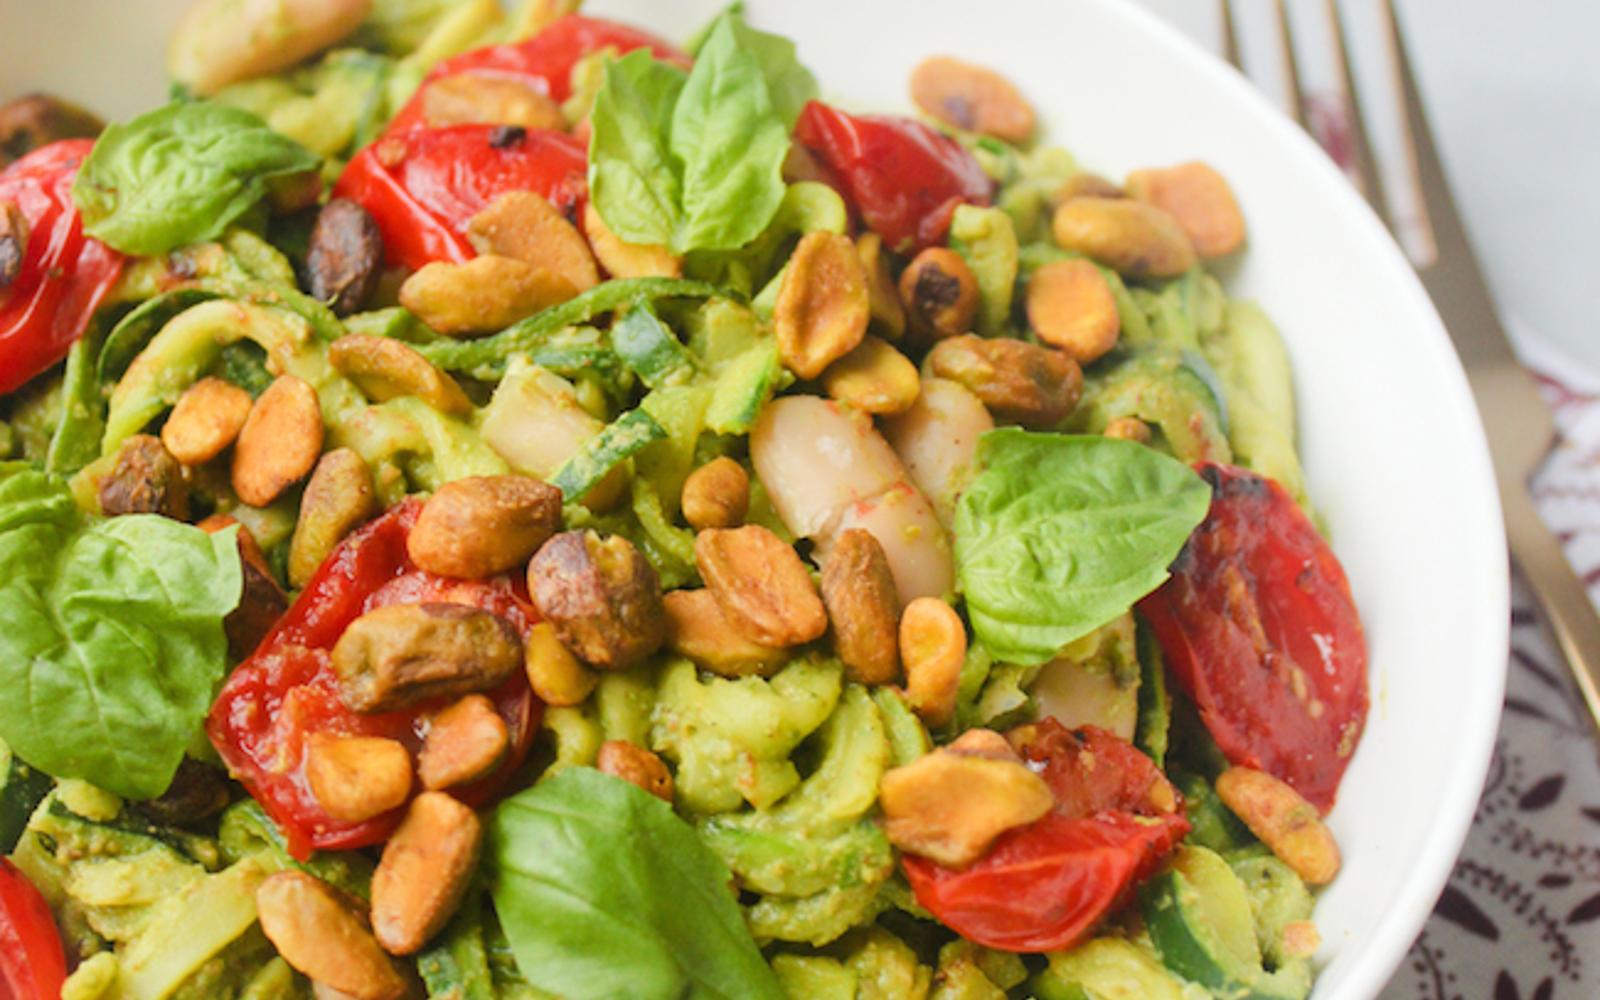 Zucchini Noodles With Oil-Free Roasted Pistachio Pesto [Vegan, Gluten-Free]